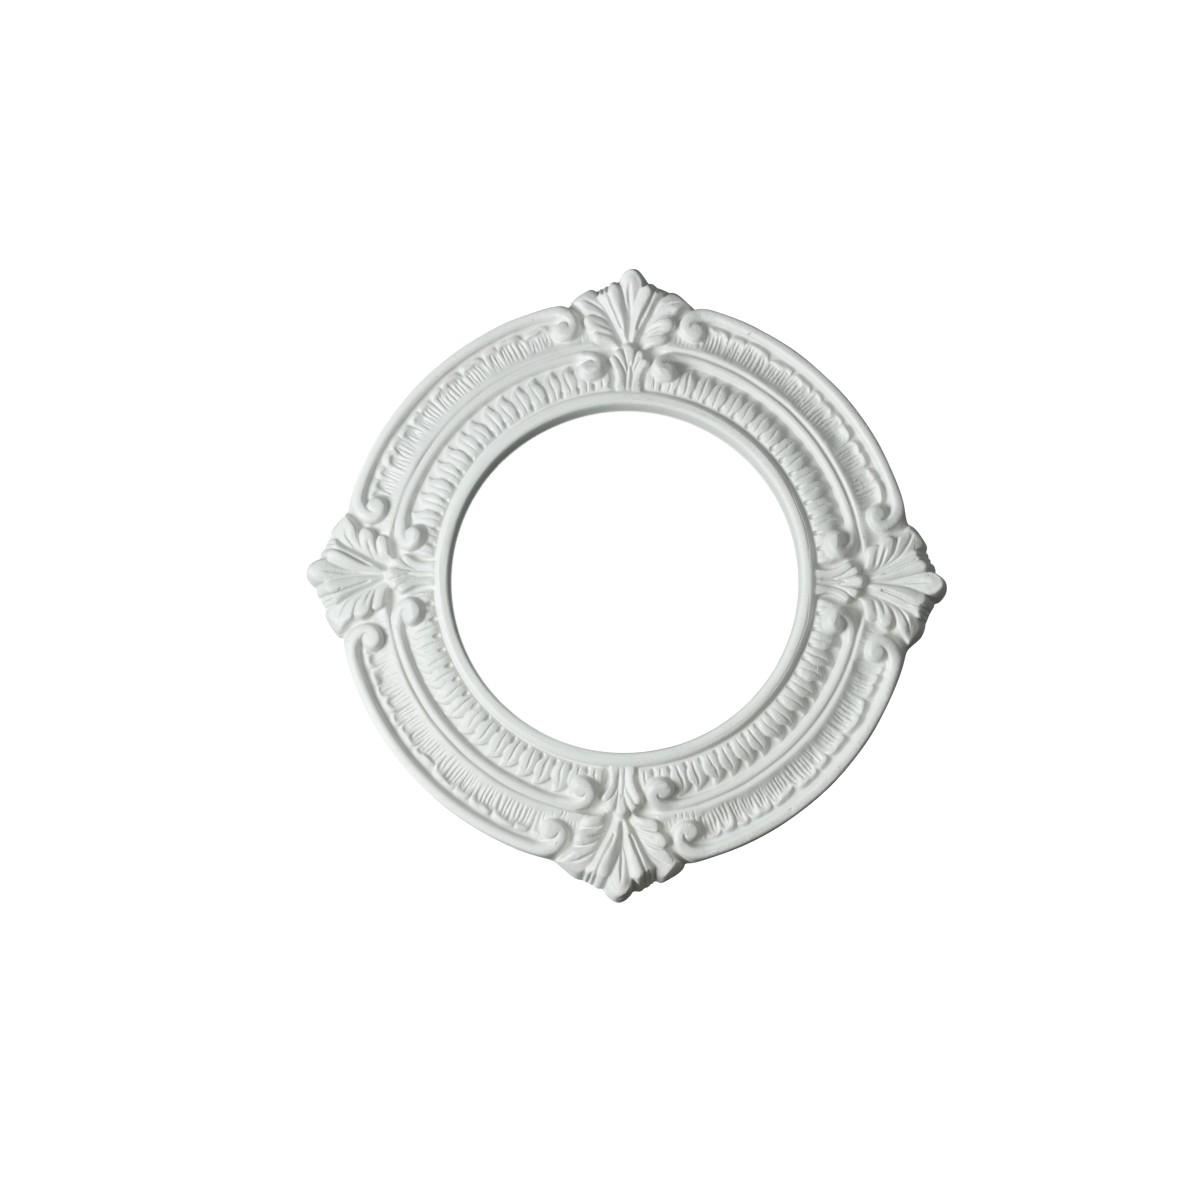 Ceiling medallion urethane recessed trim rosette 6 id x 10 od white ceiling medallion urethane recessed trim rosette 6 id x 10 od arubaitofo Image collections